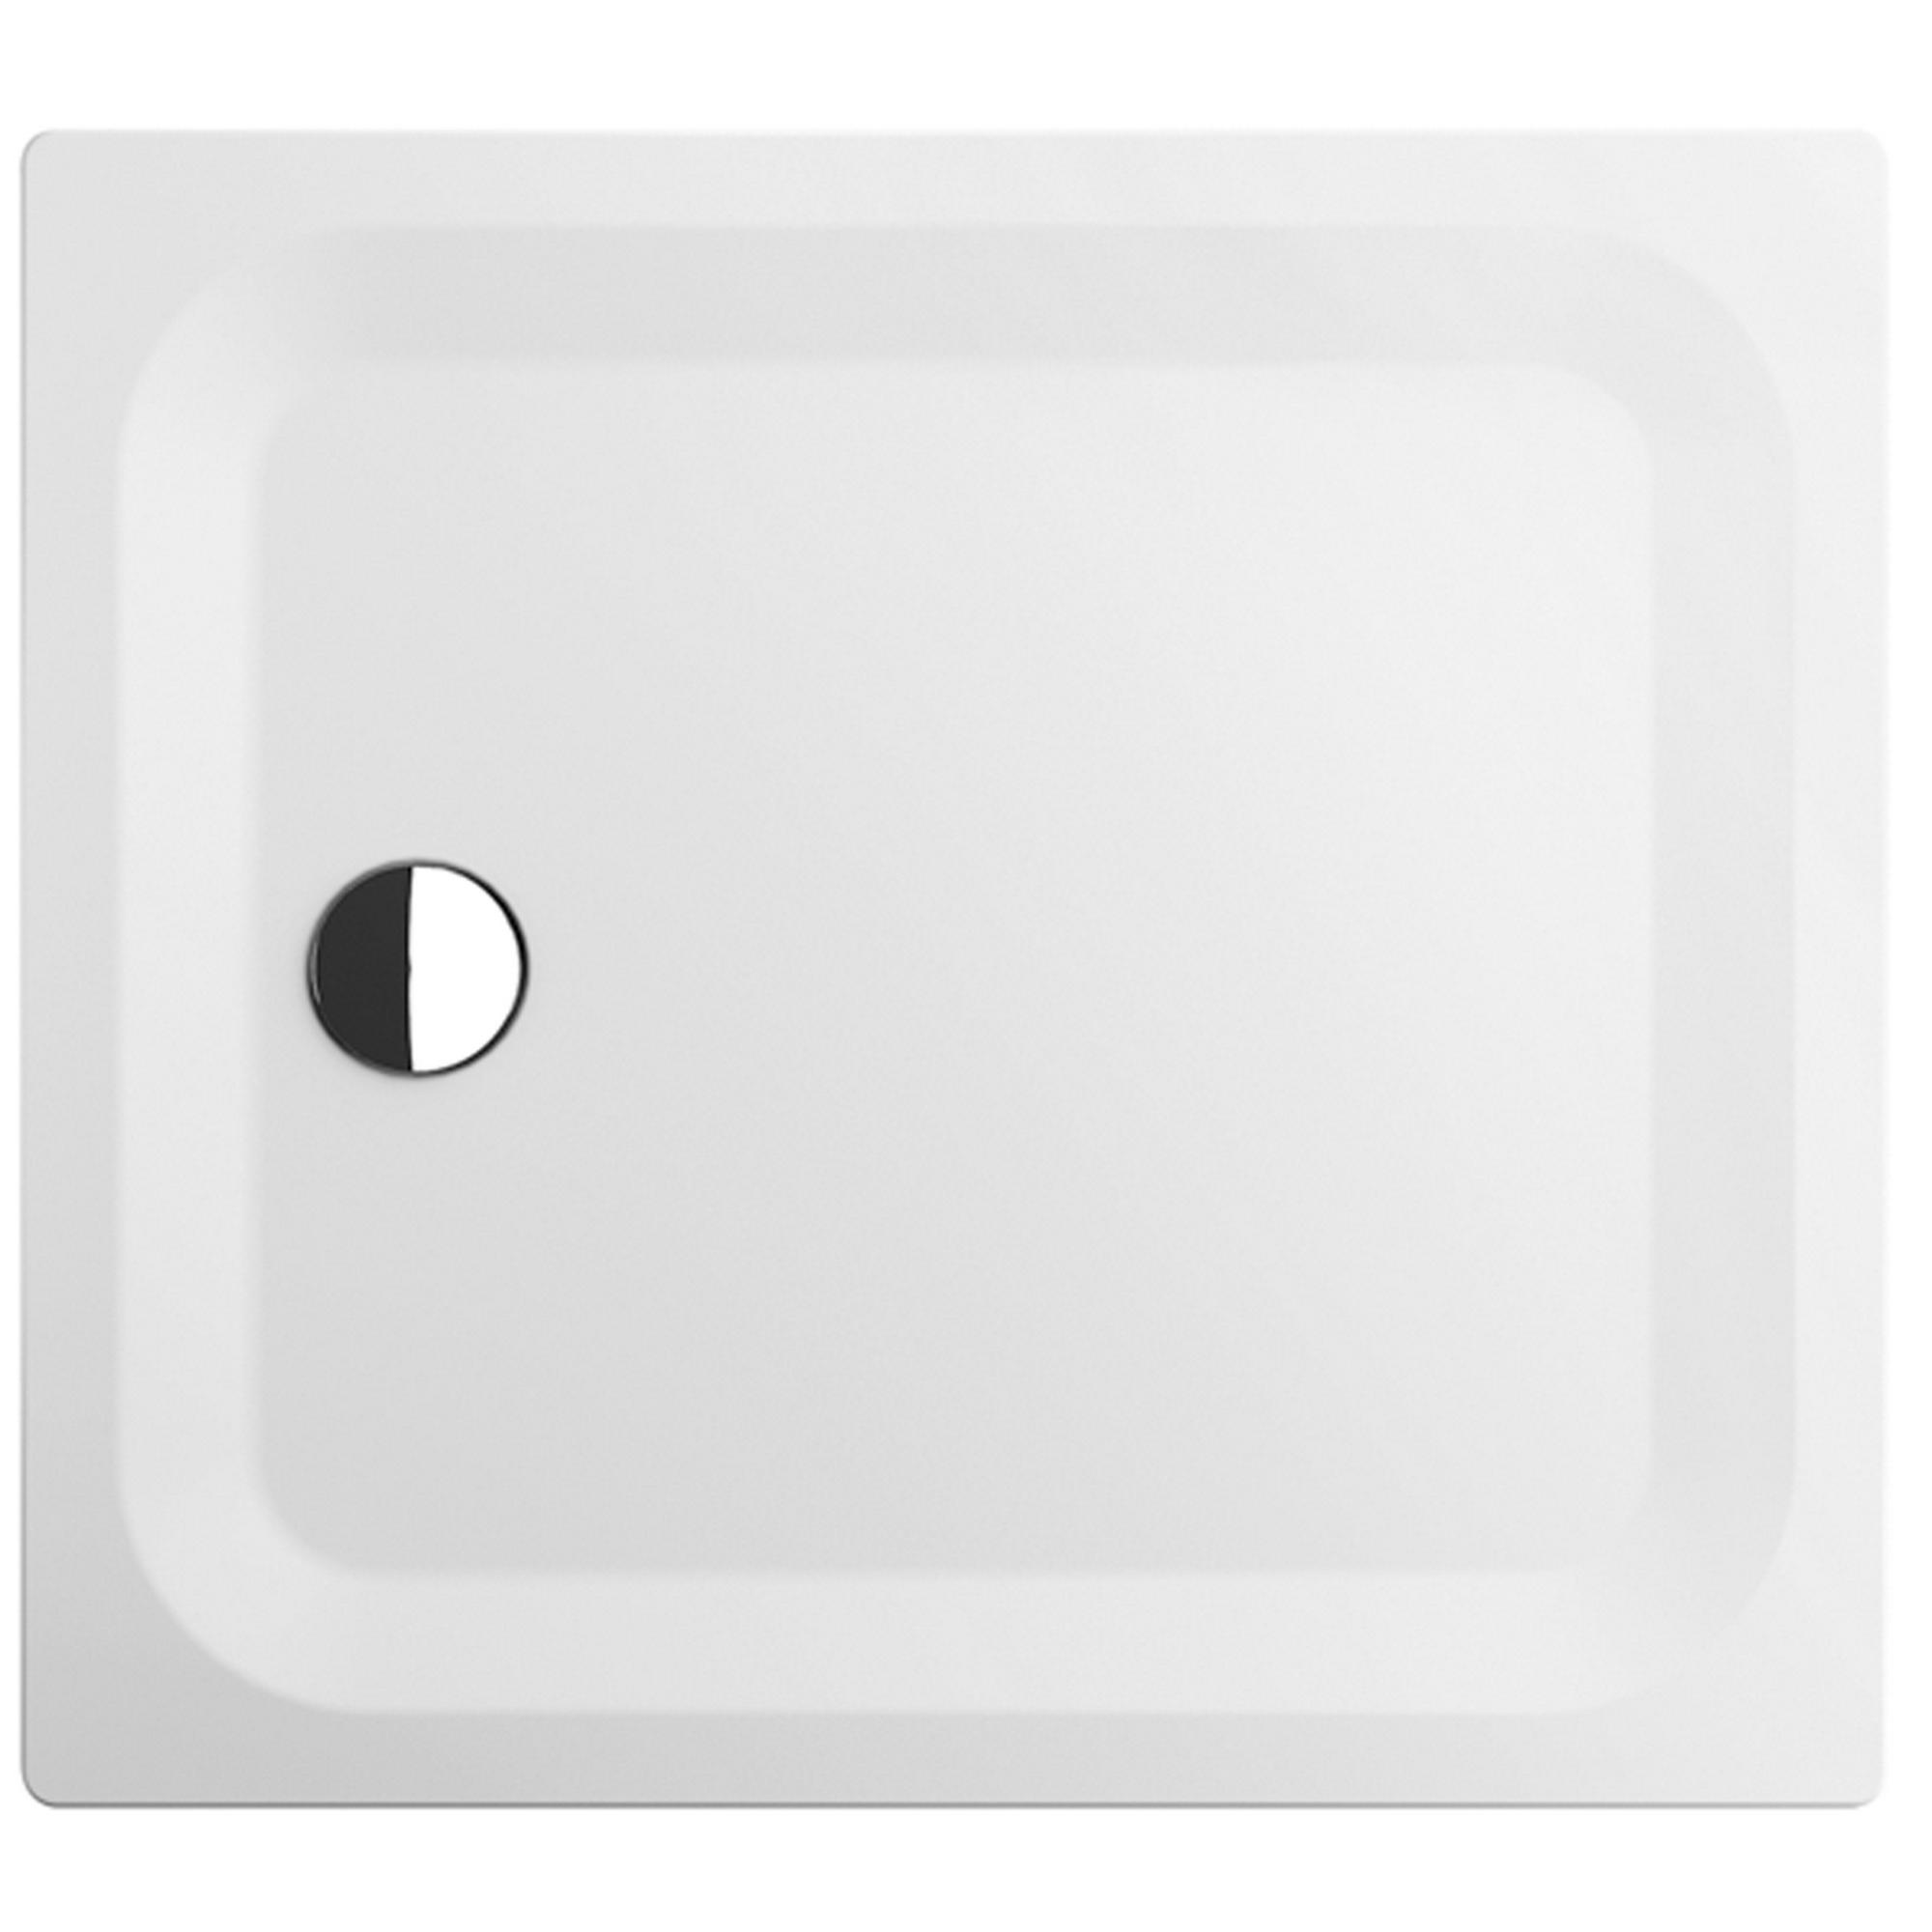 Full Size of Bette Duschwanne Ultra Antirutsch Pro Ablauf Reinigen Abfluss Abdeckung Floor Duschwannen Superflach Einbau Mit Zarge 2 5 Cm Bodengleiche Dusche Farben 90x90 Bett Bette Duschwanne